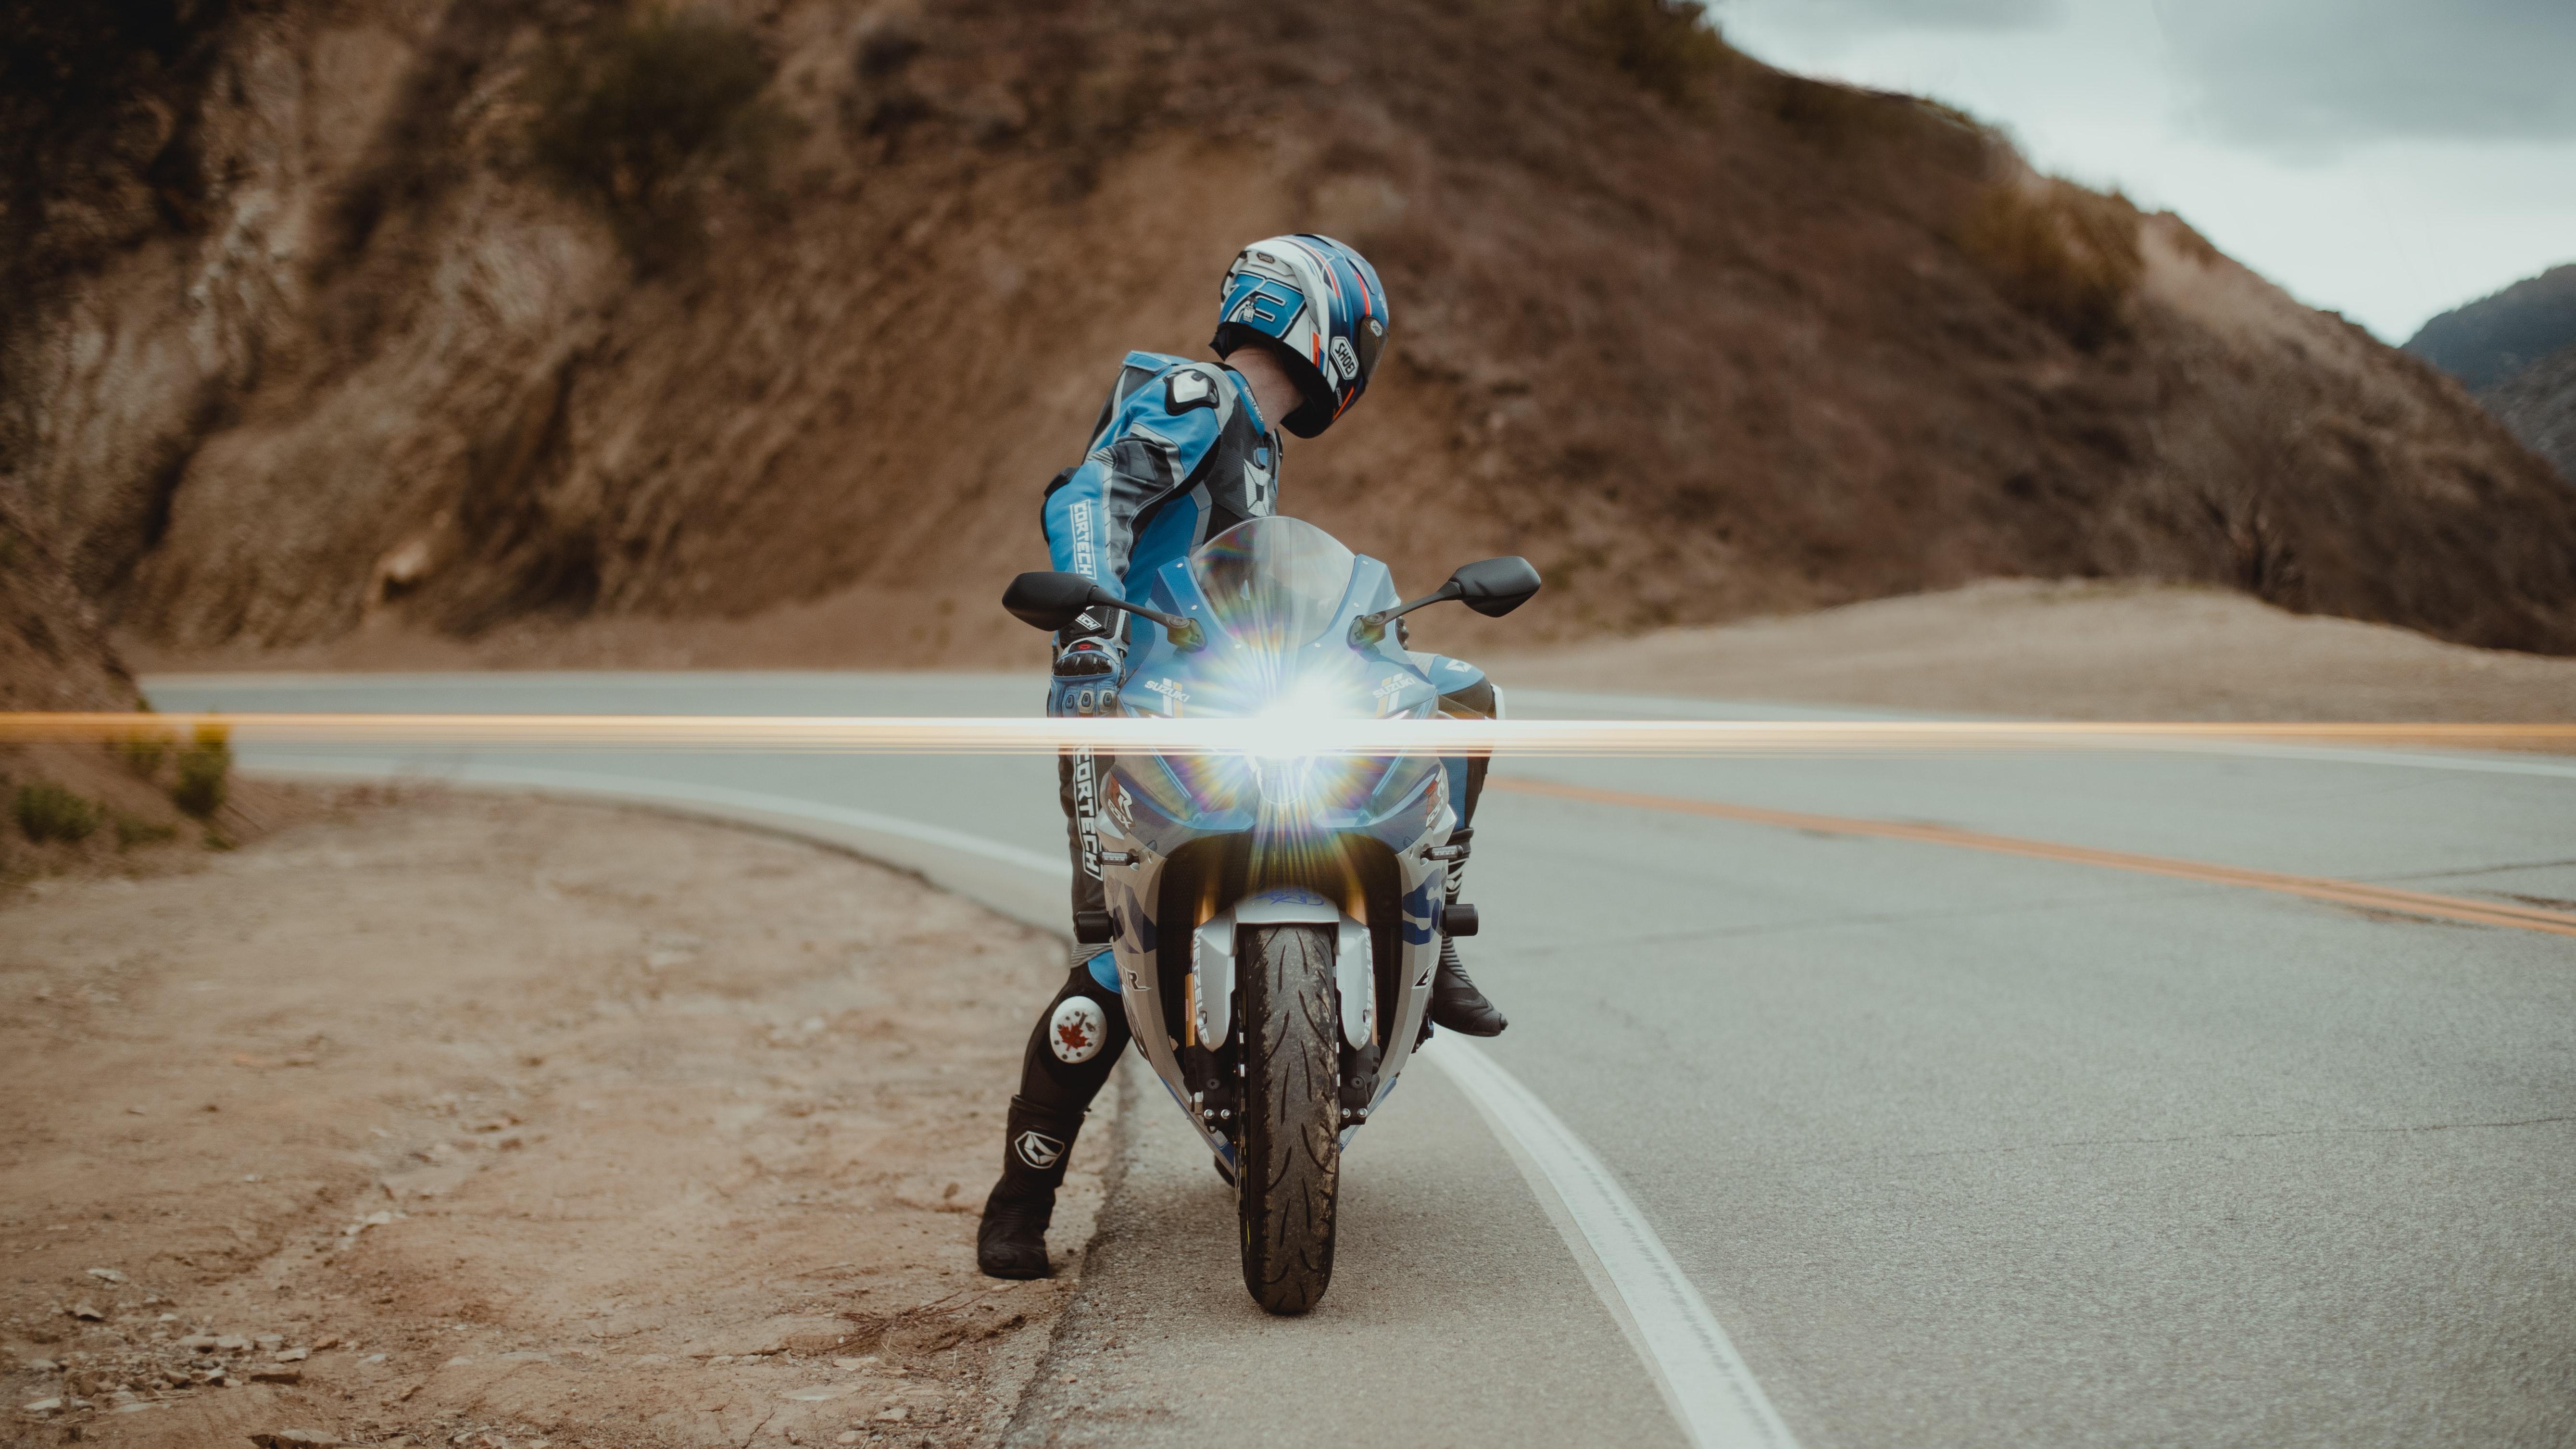 151011 Заставки и Обои Мотоциклы на телефон. Скачать Мотоциклы, Свет, Мотоциклист, Мотоцикл, Байк, Спортбайк картинки бесплатно